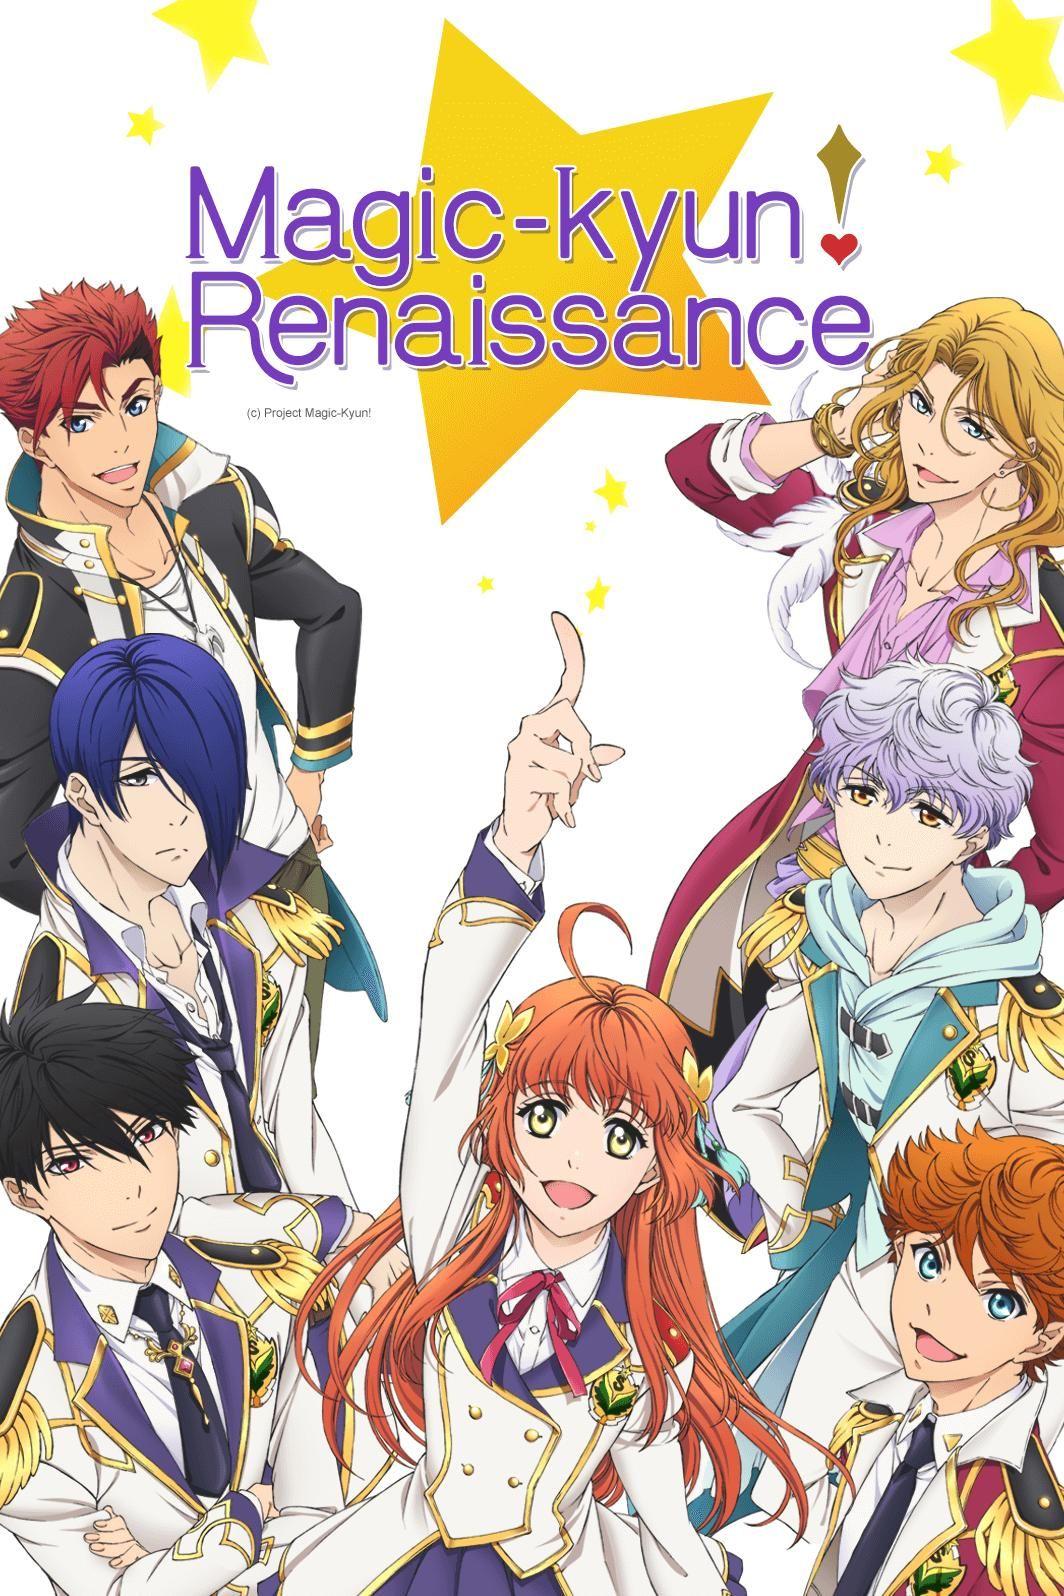 Jetzt Erstmal Die Erste Folge Von Magic Kyun Renaissance Geben